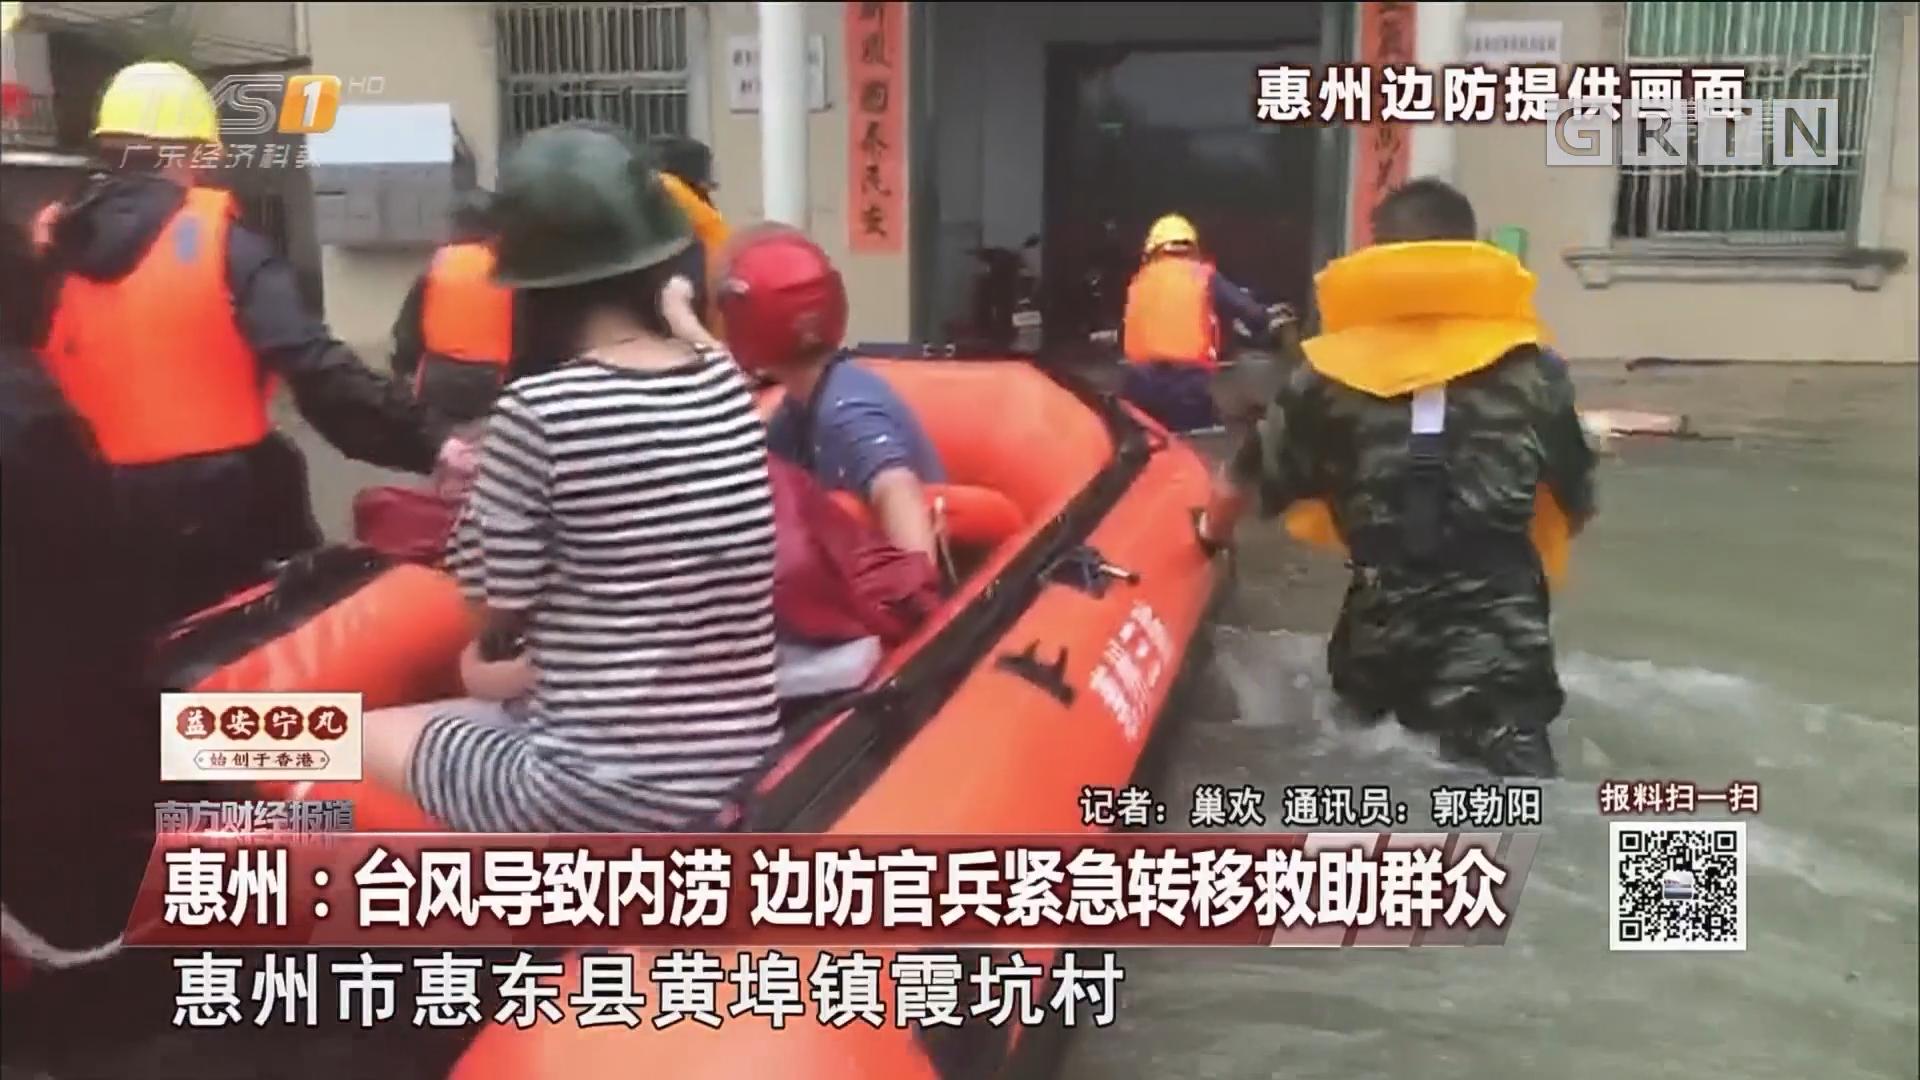 惠州:台风导致内涝 边防官兵紧急转移救助群众